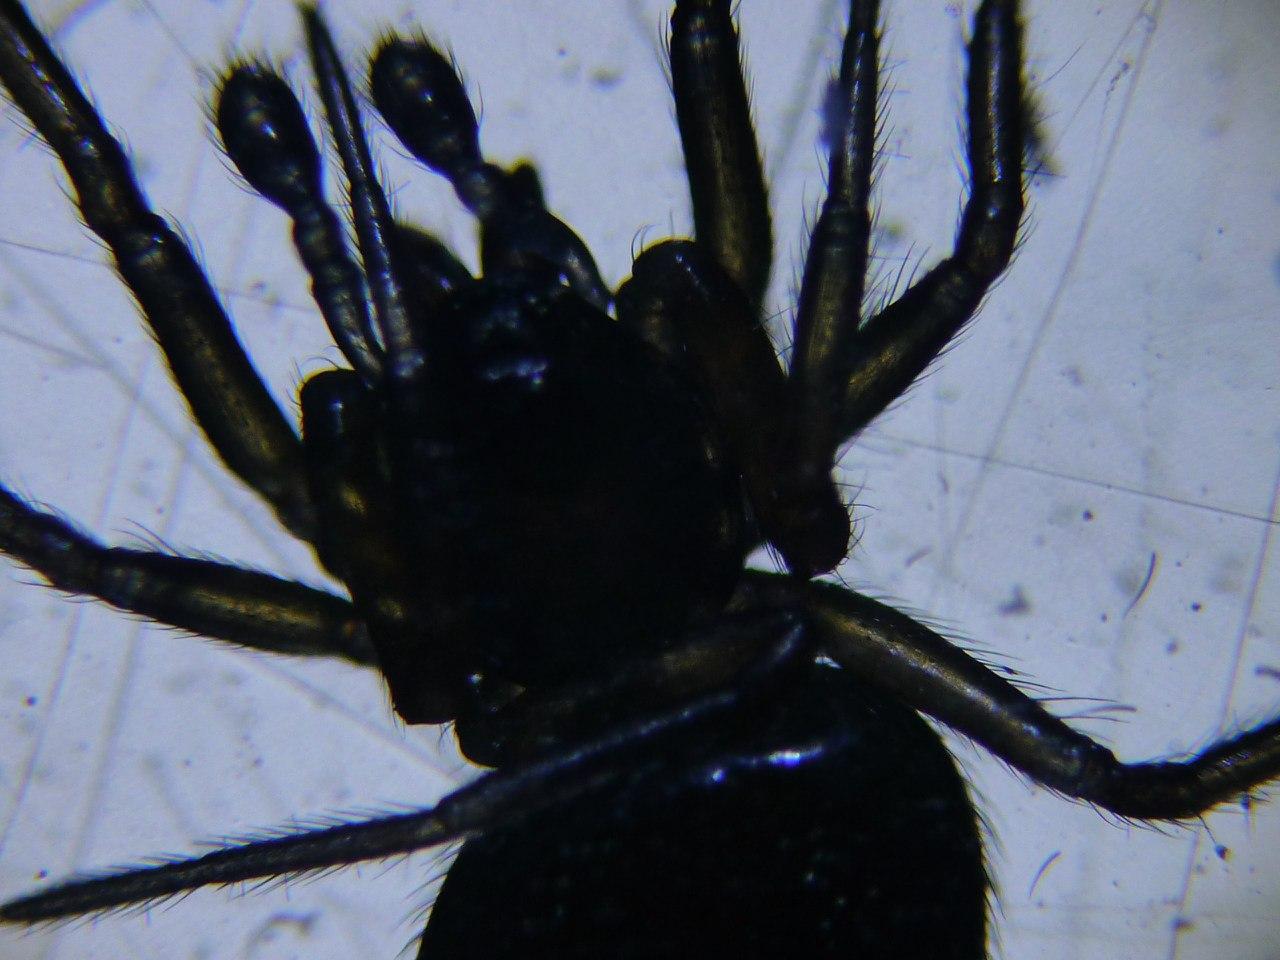 Паук под микроскопом